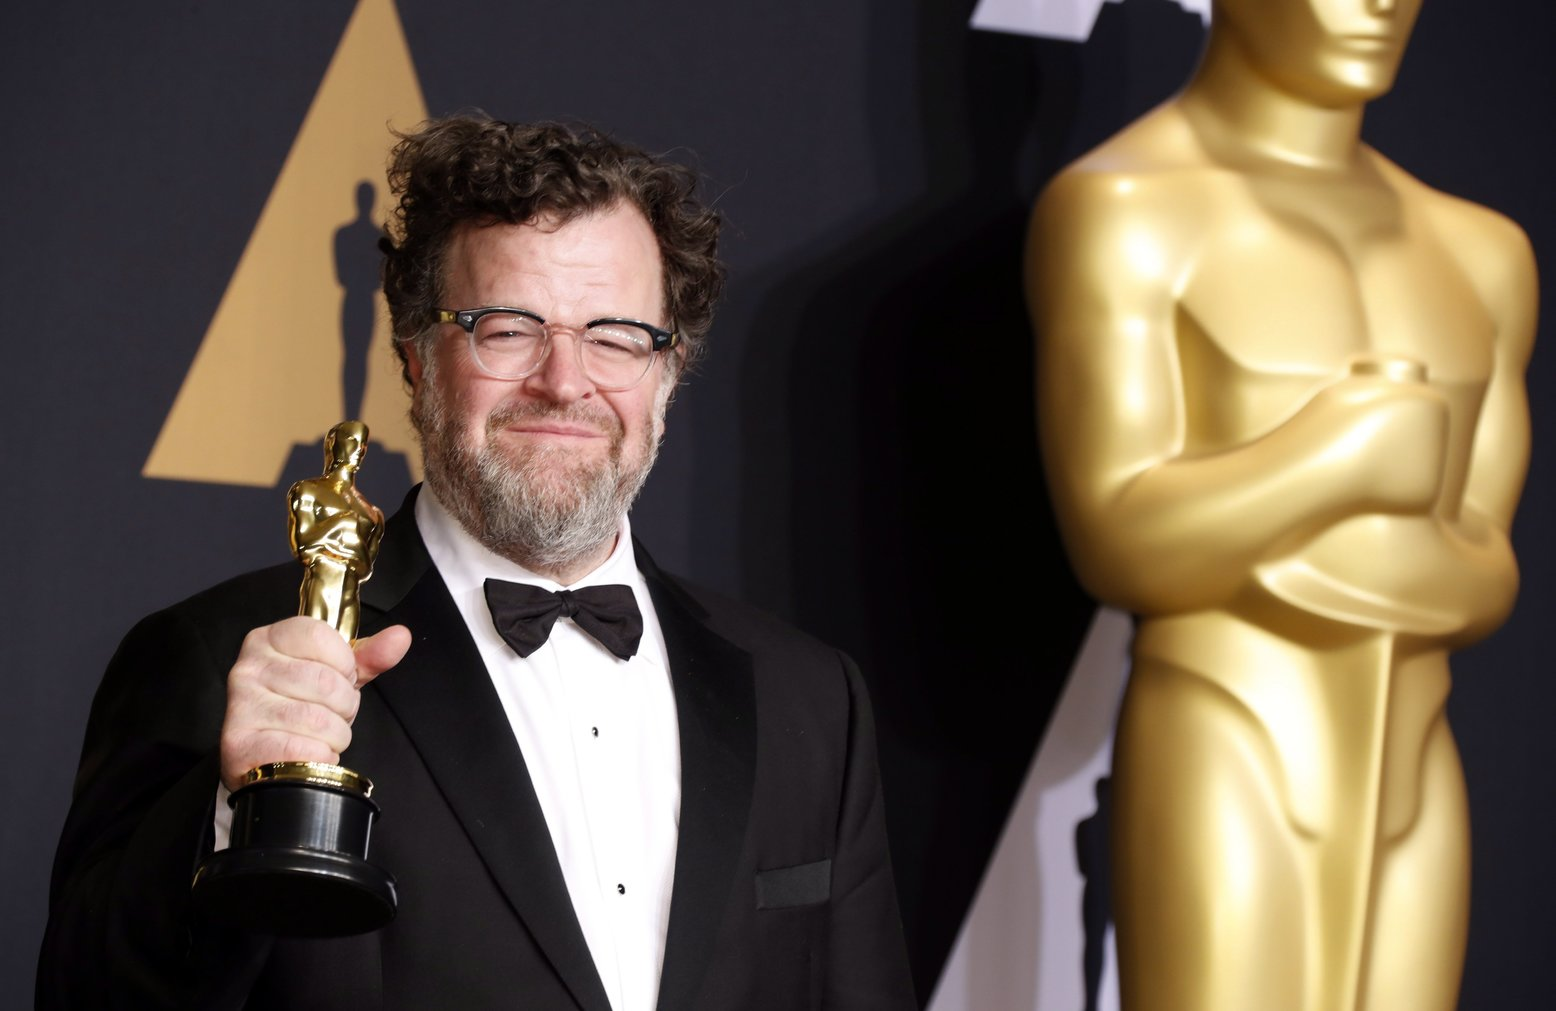 Kenneth Lonergan amerikai rendező a sajtószobában tartott fotózáson, miután átvette a legjobb eredeti forgatókönyvért odaítélt elismerést A régi város (Manchester by the Sea) című filmjéért a 89. Oscar-gálán a Los Angeles-i Dolby Színházban 2017. február 26-án. (MTI/EPA/Paul Buck)